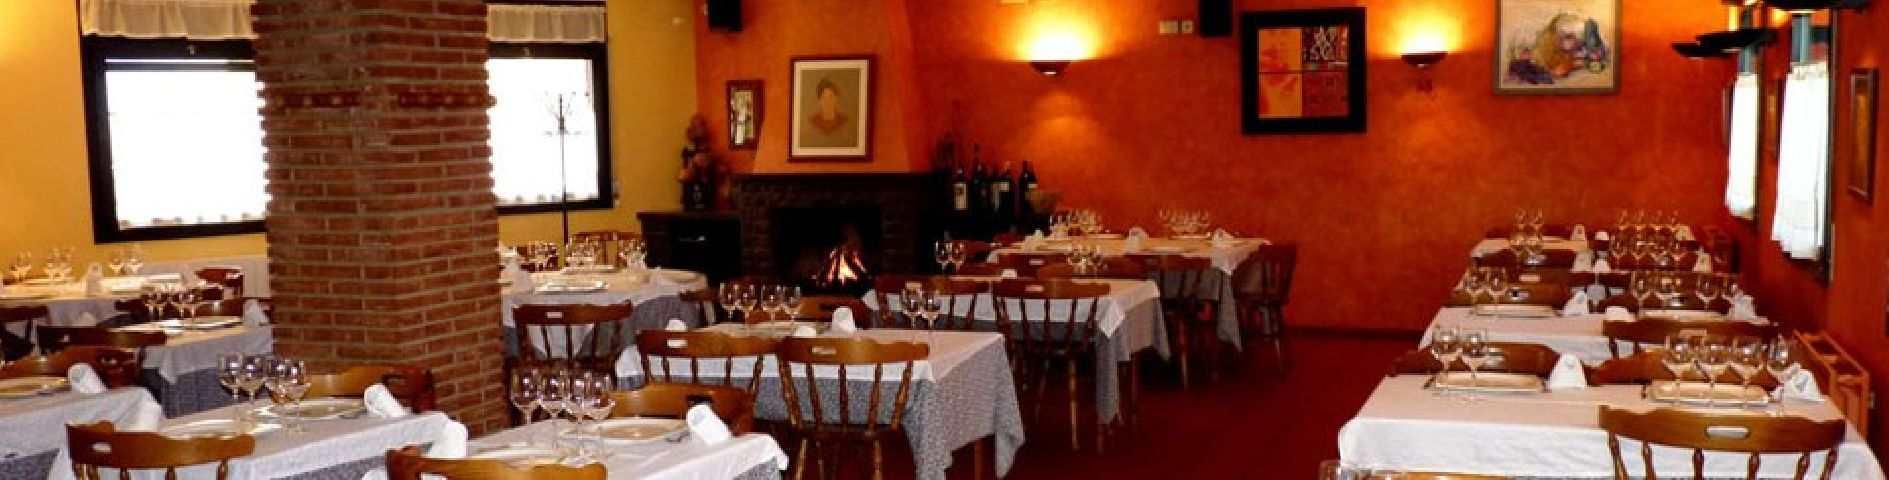 Restaurant Sant Martí Restaurante Restaurant Sant Martí